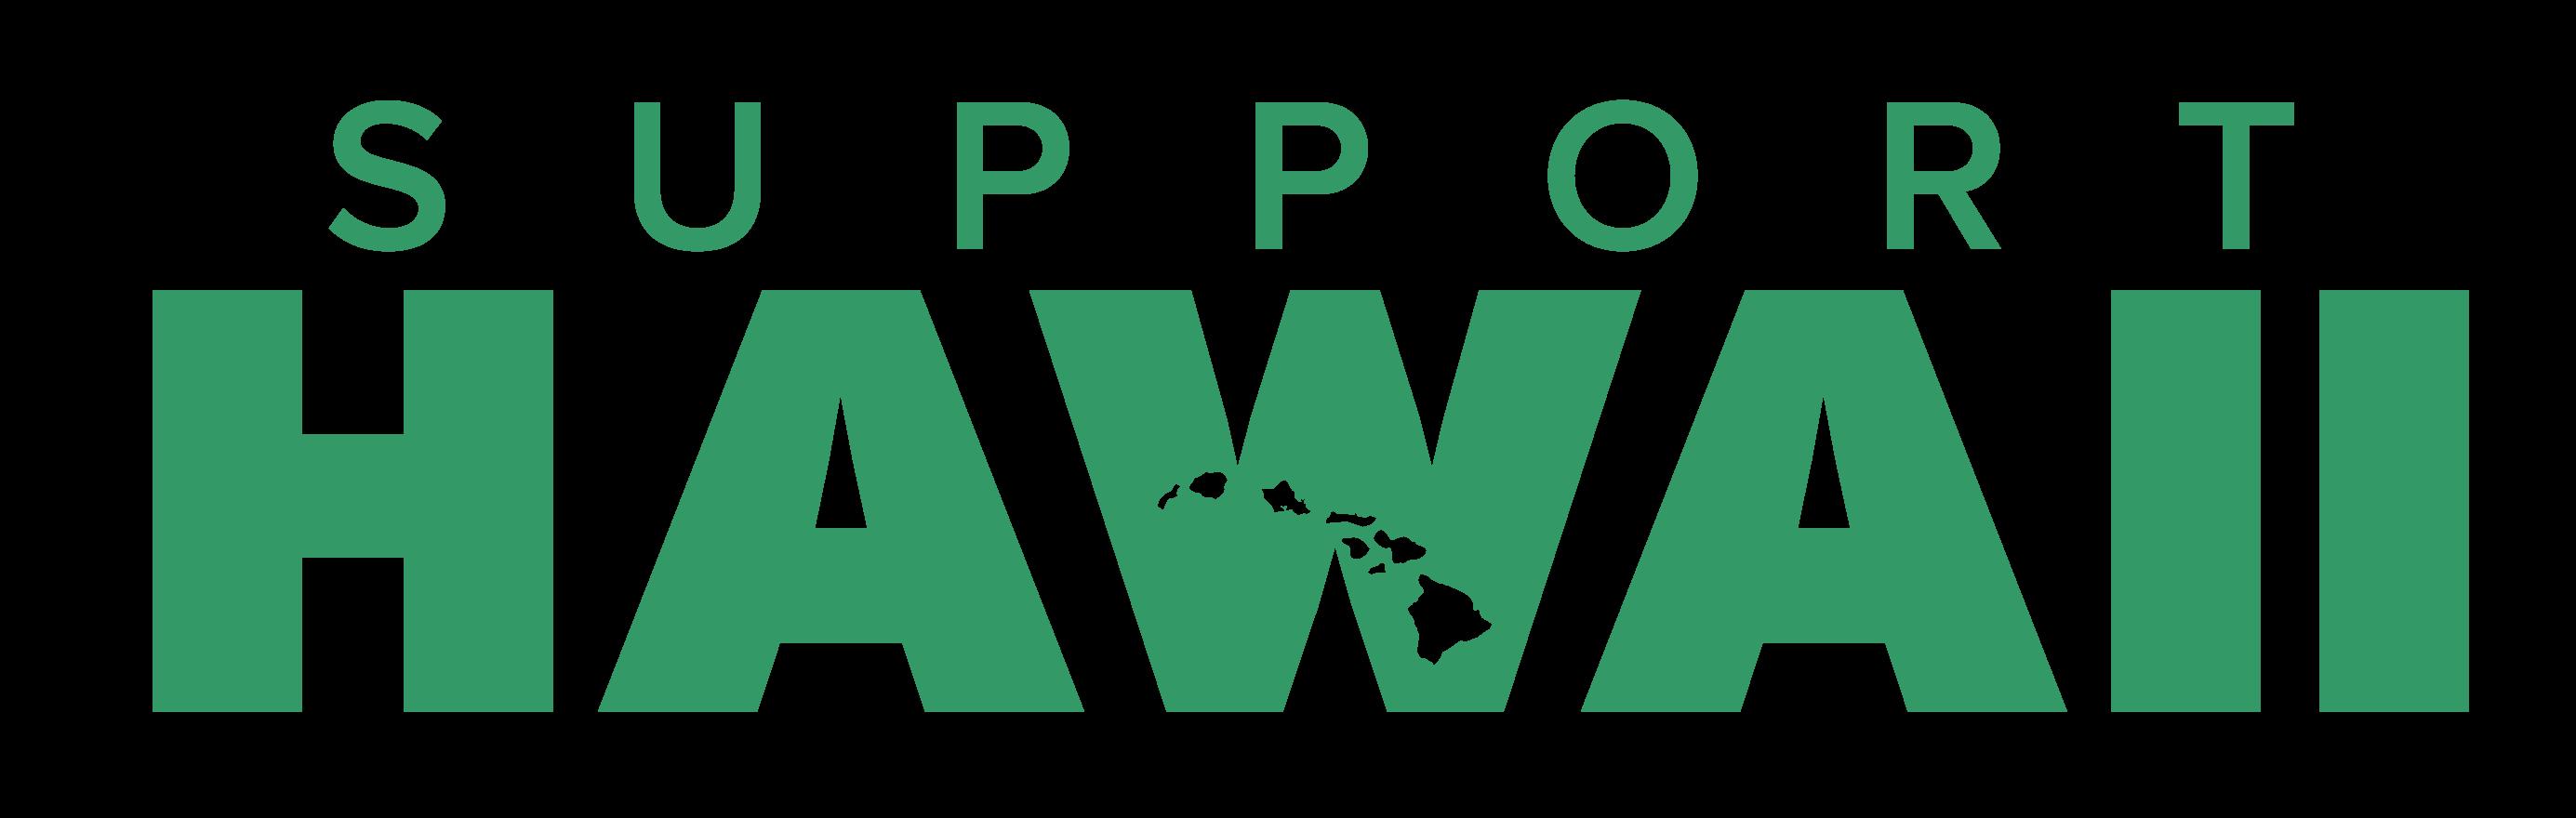 Support Hawaii